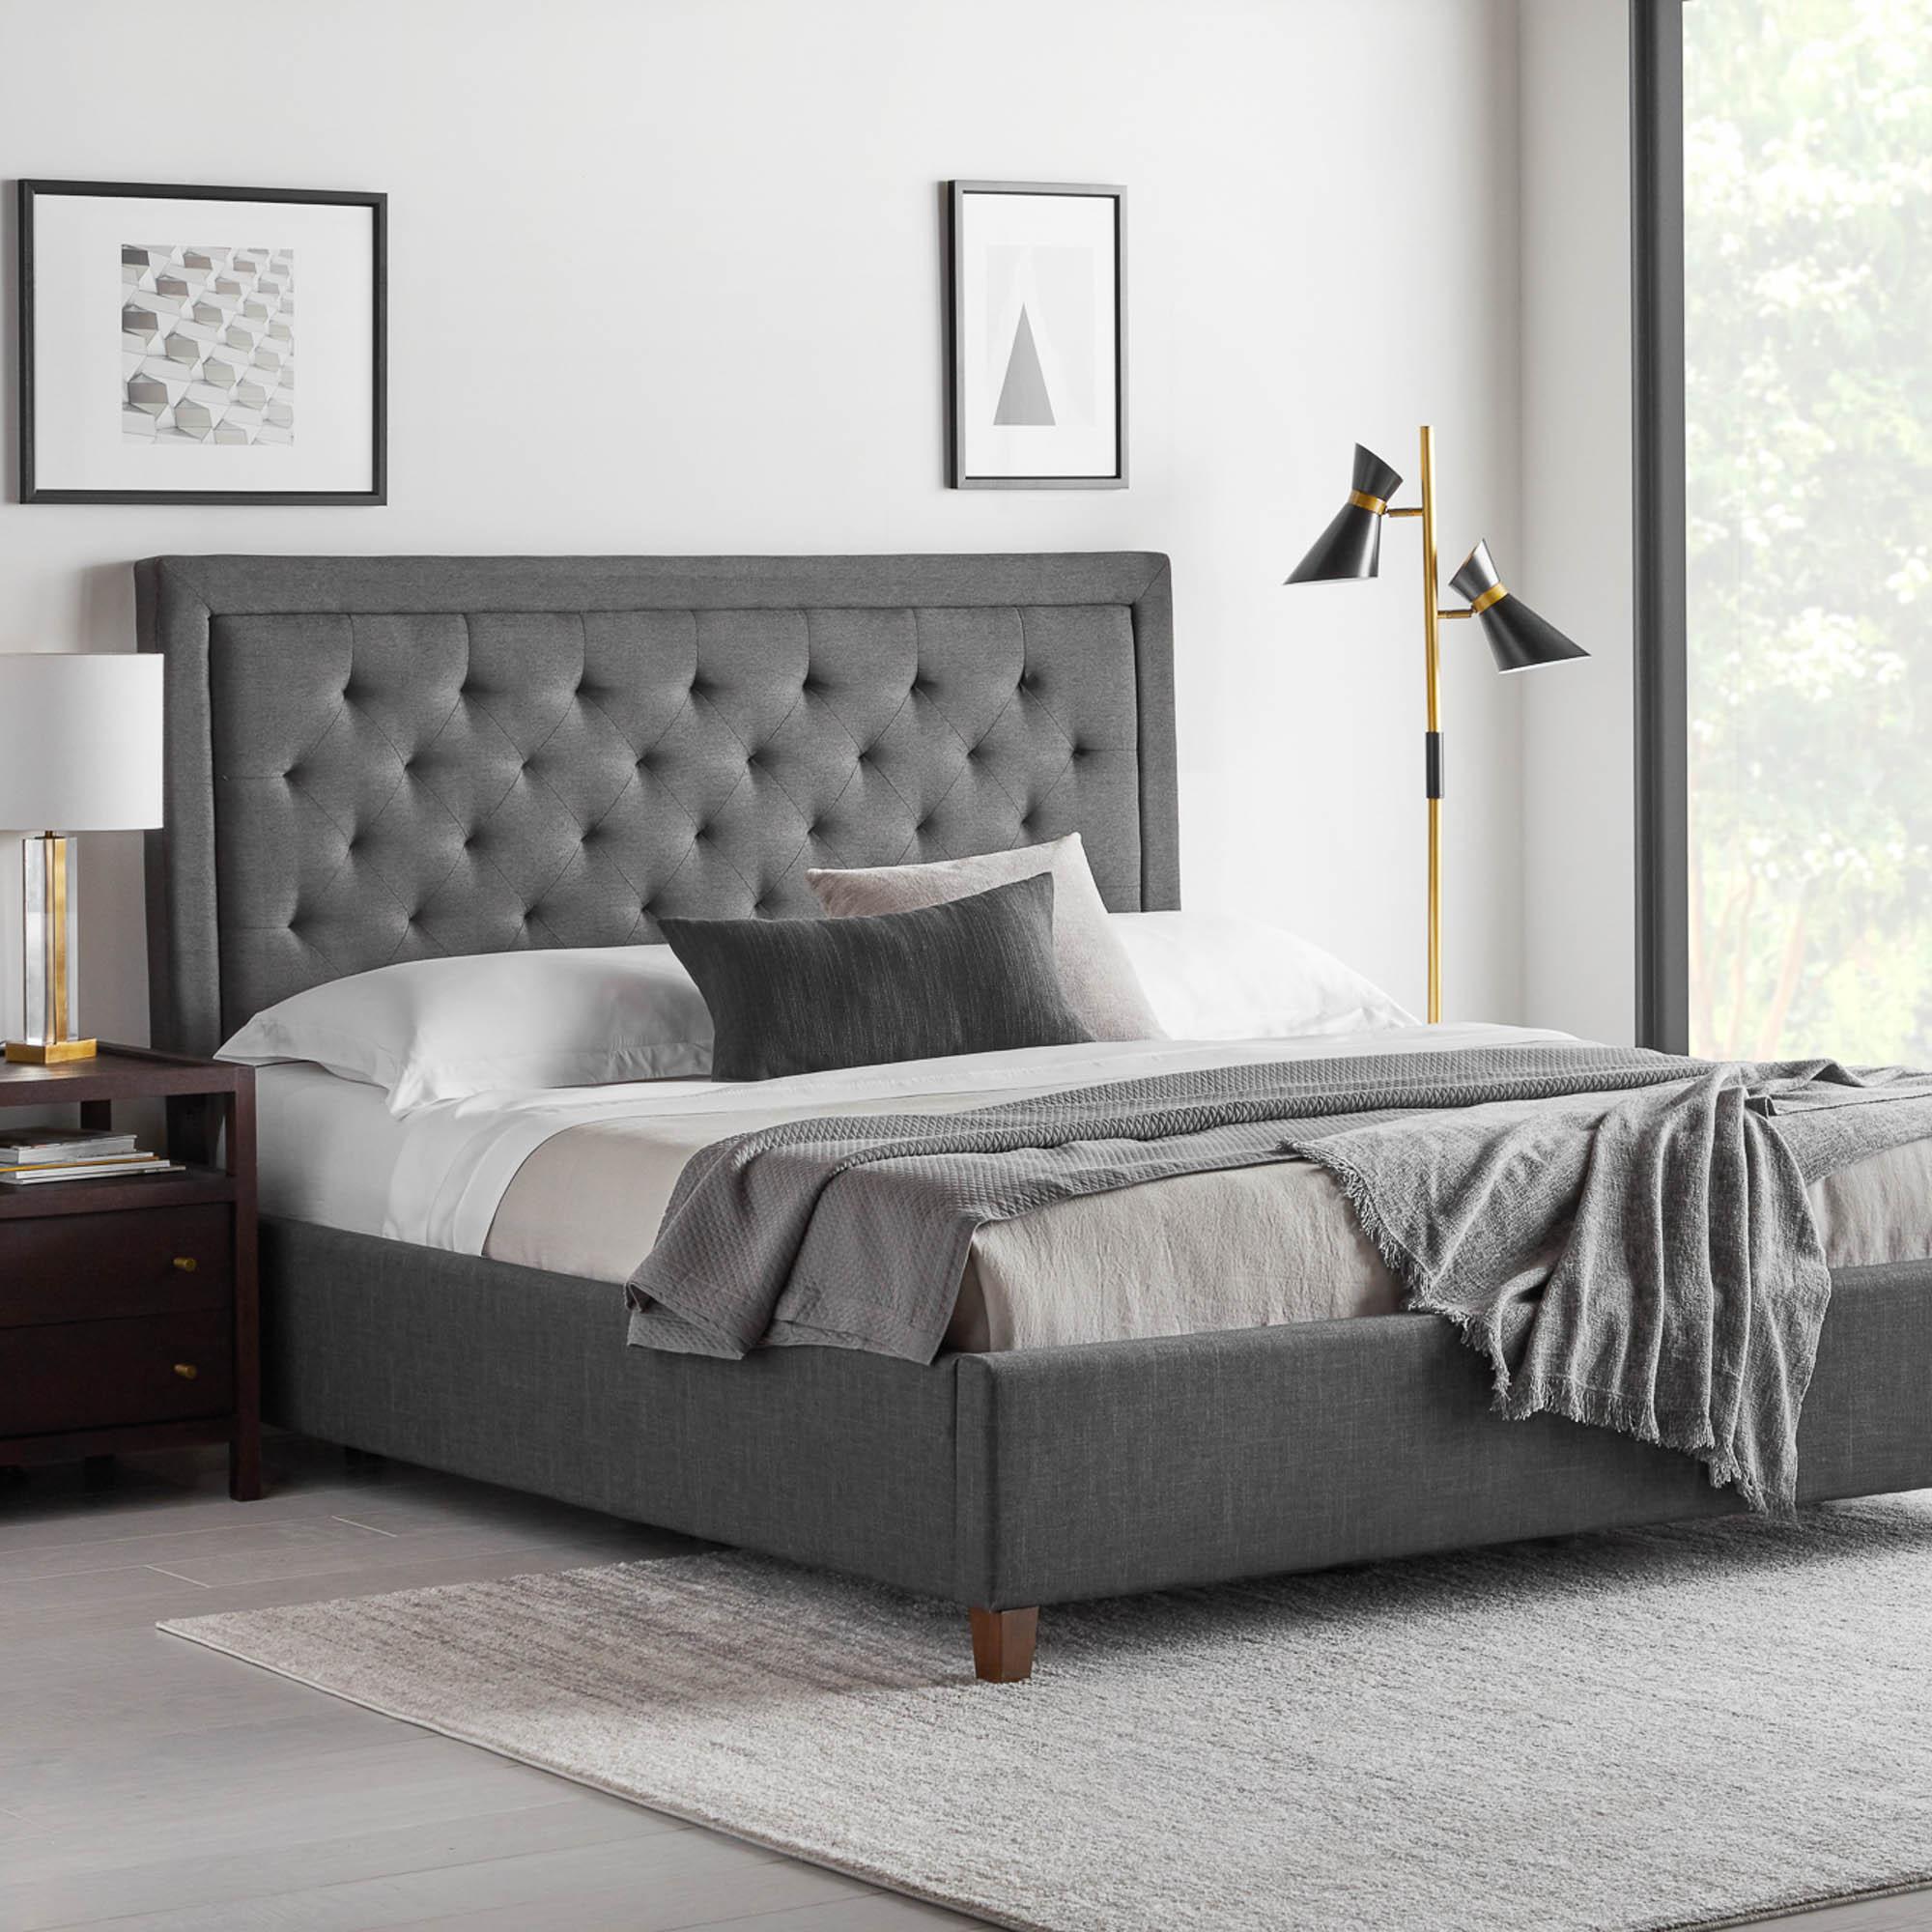 eastman platform bed base 5 colors